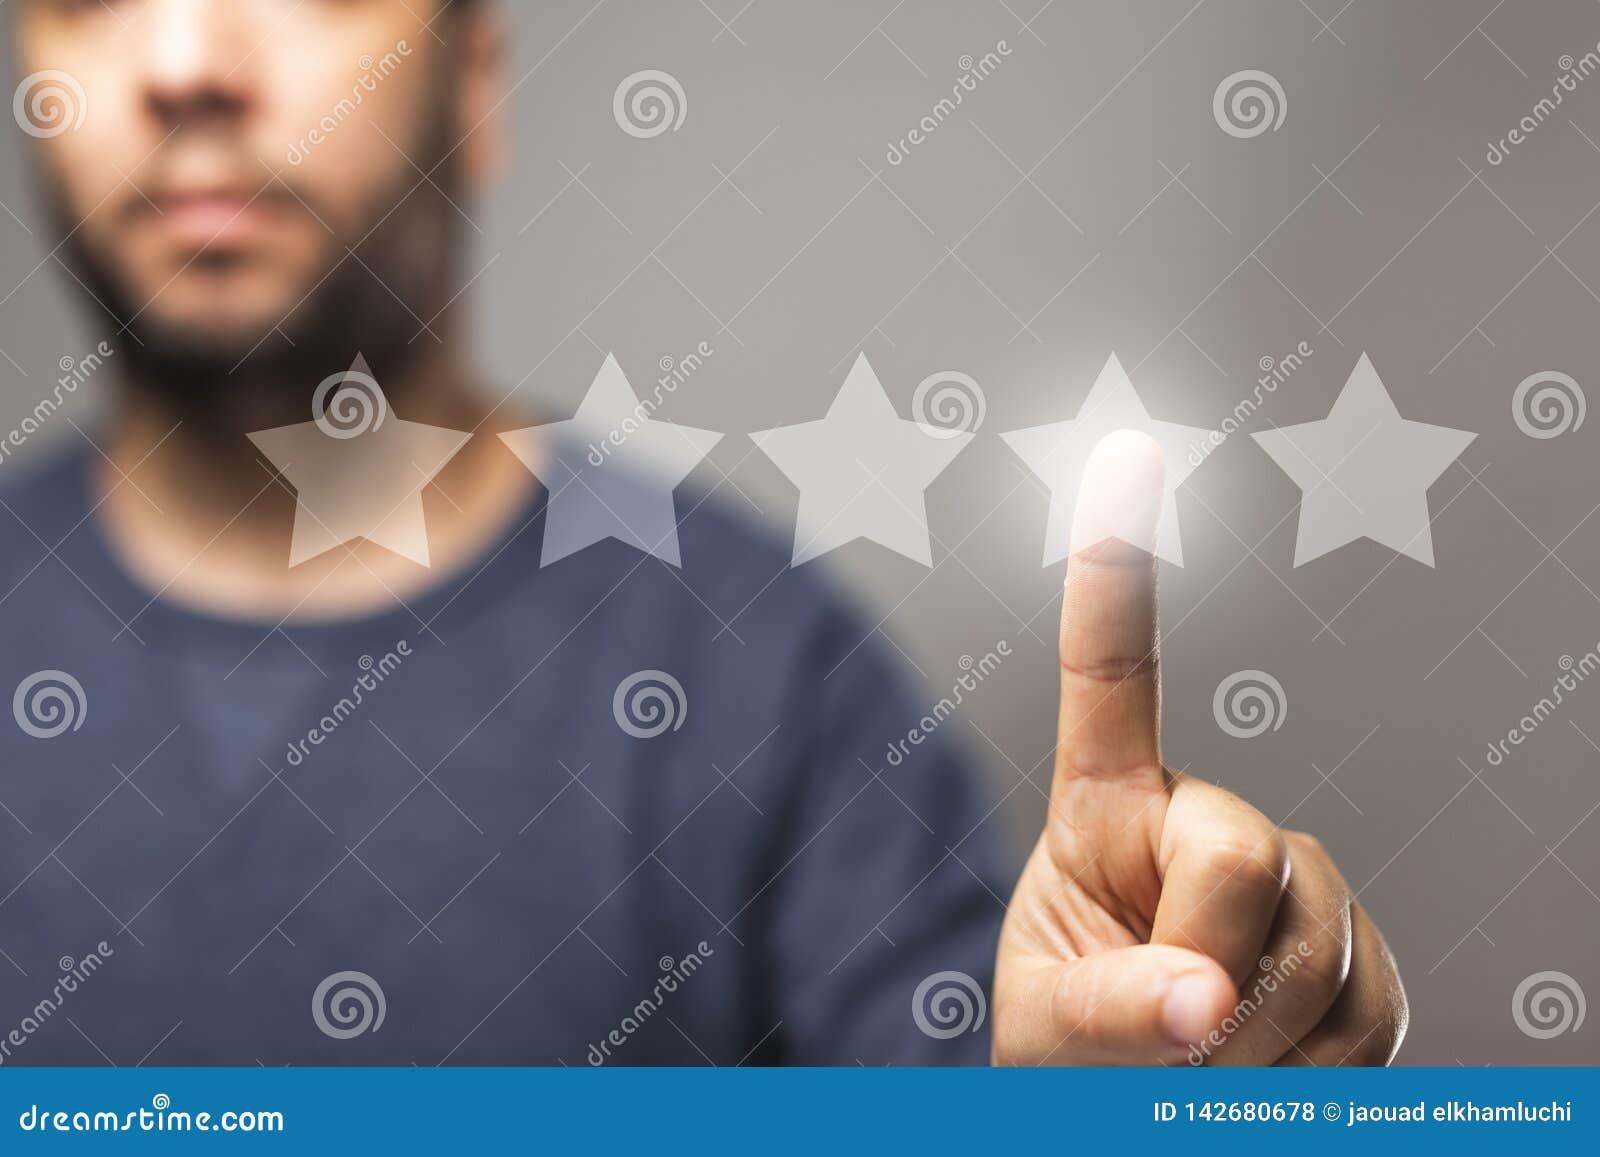 5个星回顾比分,名誉管理,规定值概念,优质服务